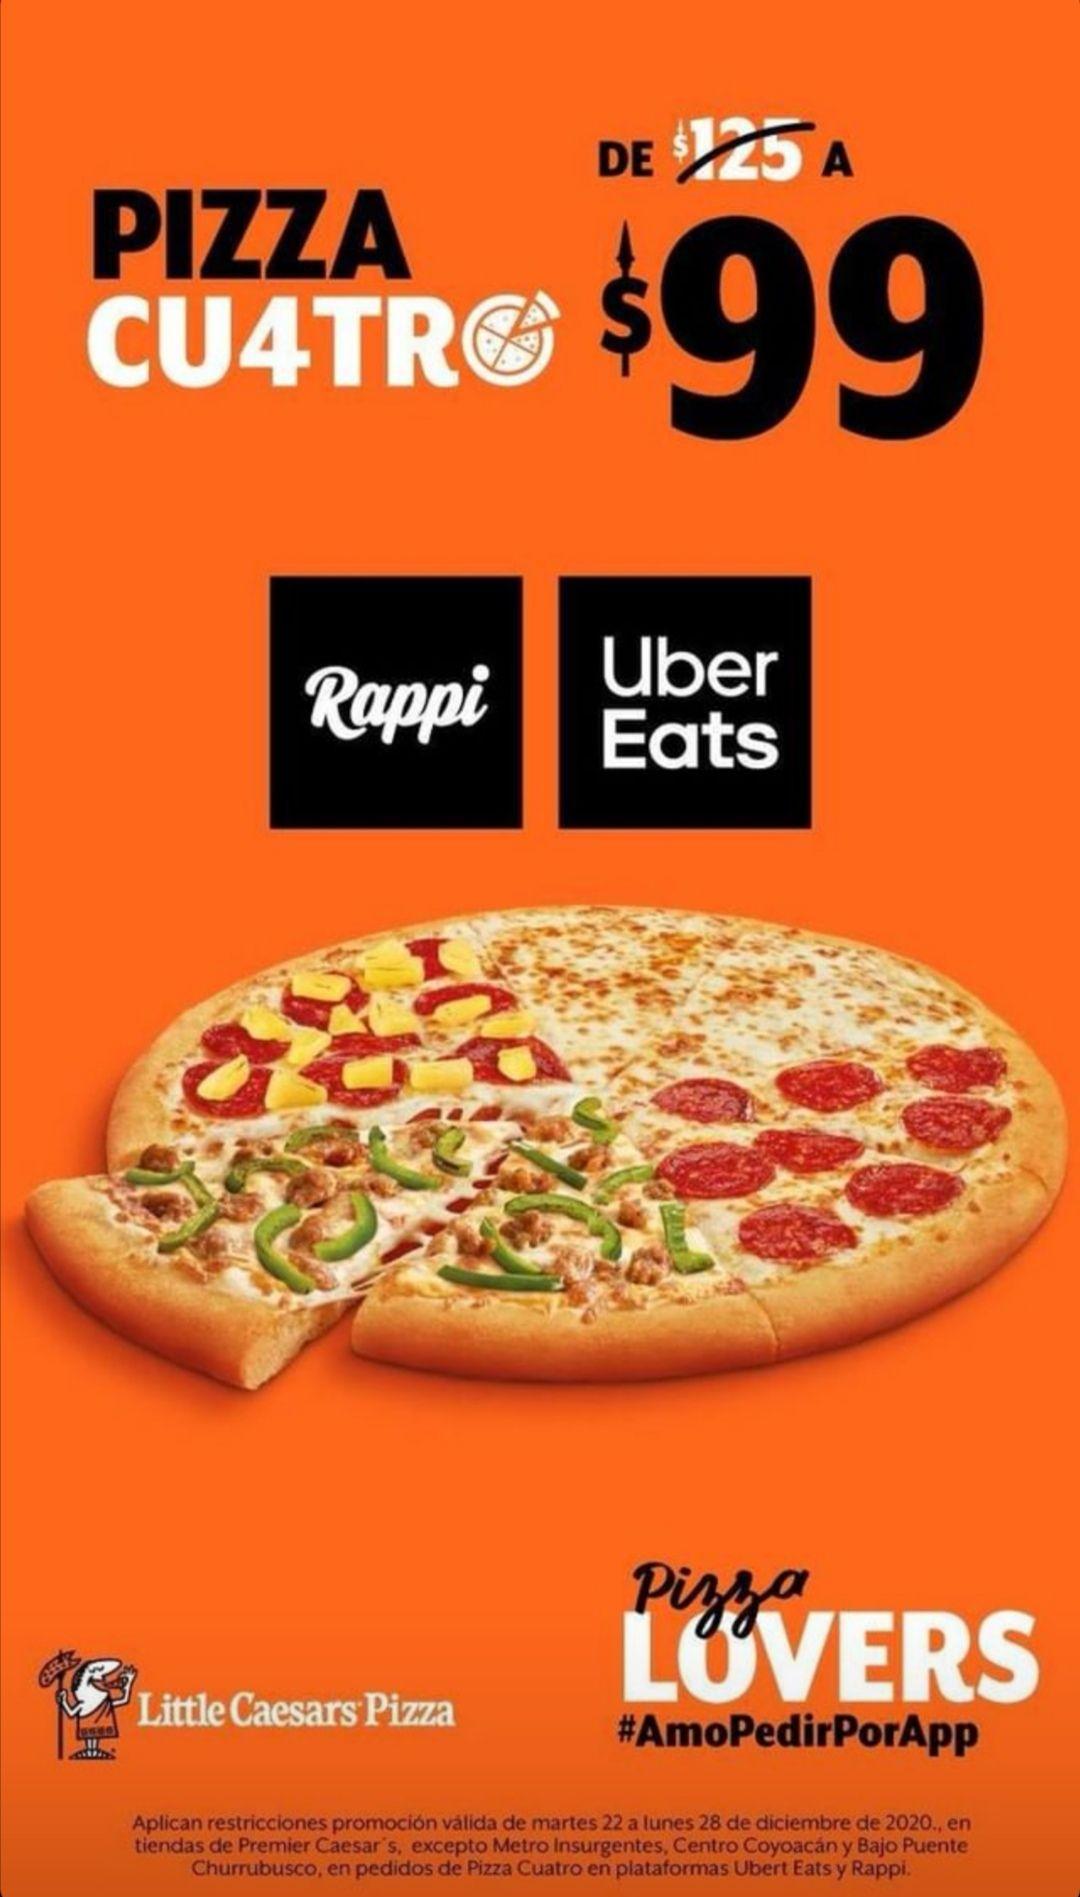 Little Caesars: Pizza Cu4tro $99 pidiendo por UberEats y Rappi